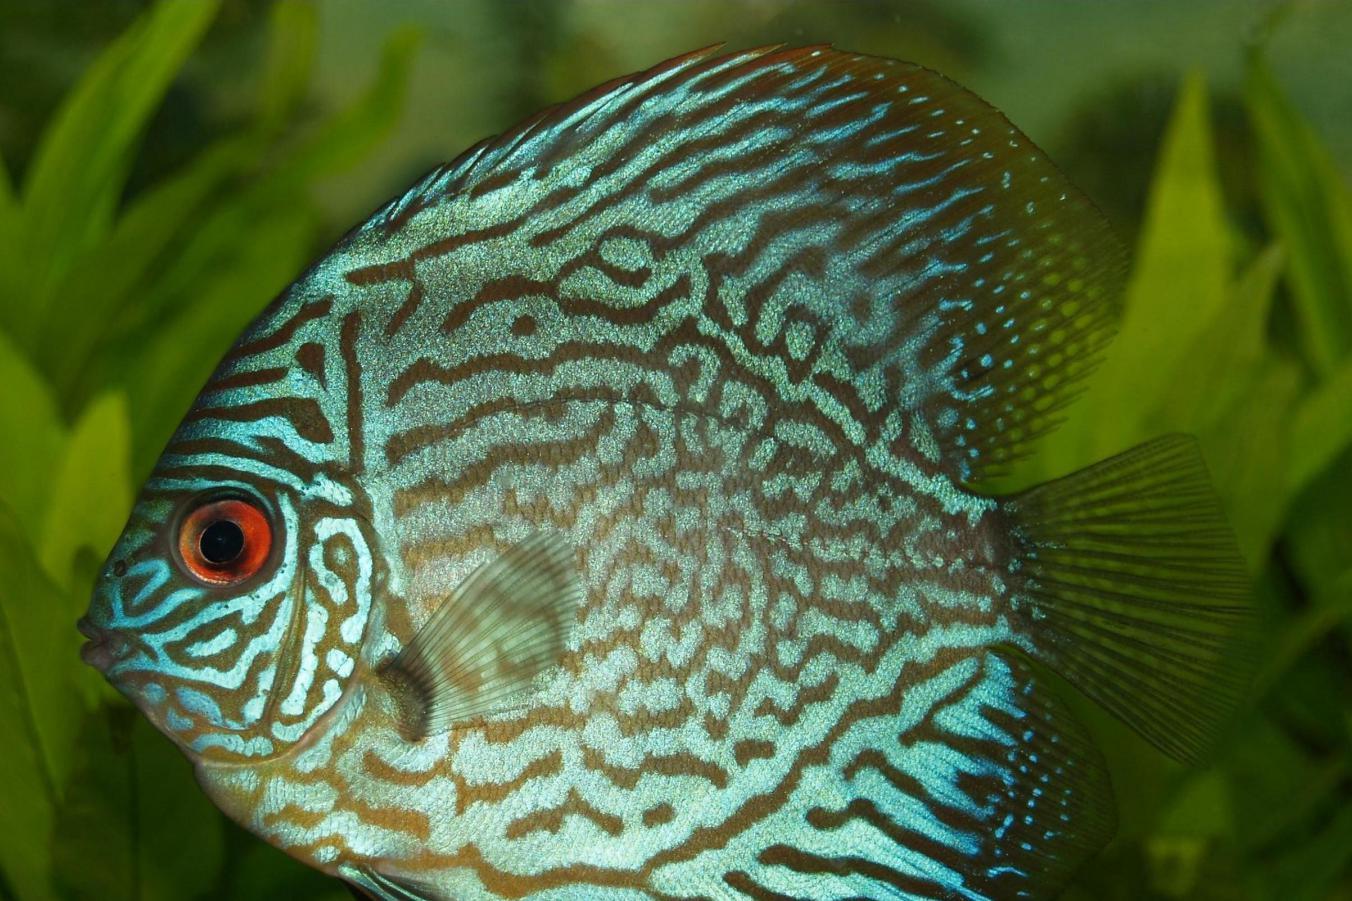 b14d50692025 Překrmování akvarijních ryb je jedním z nejčastějších příčin úhynu rybek